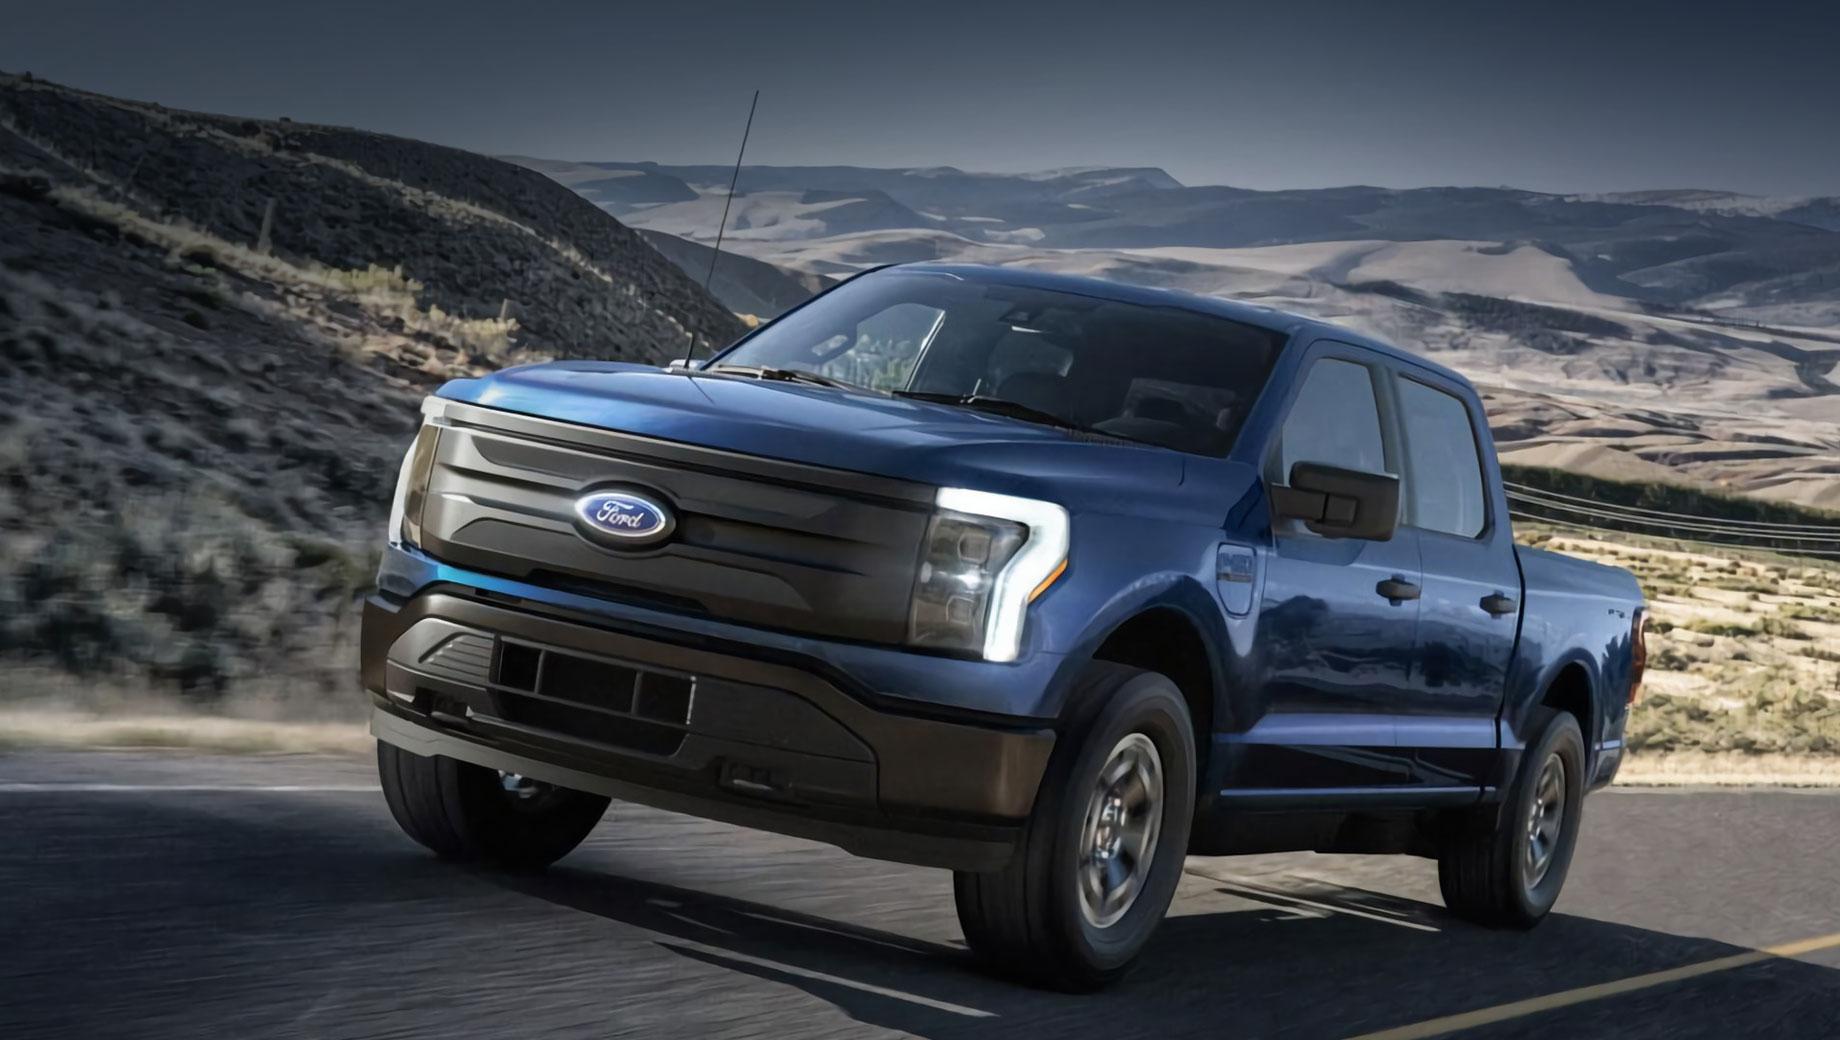 «Батарейный» грузовичок Ford F-150 Lightning (см. видео) удивил невысокой начальной ценой – менее 40 000 долларов, а теперь производитель раскрыл подробности о самой доступной версии.